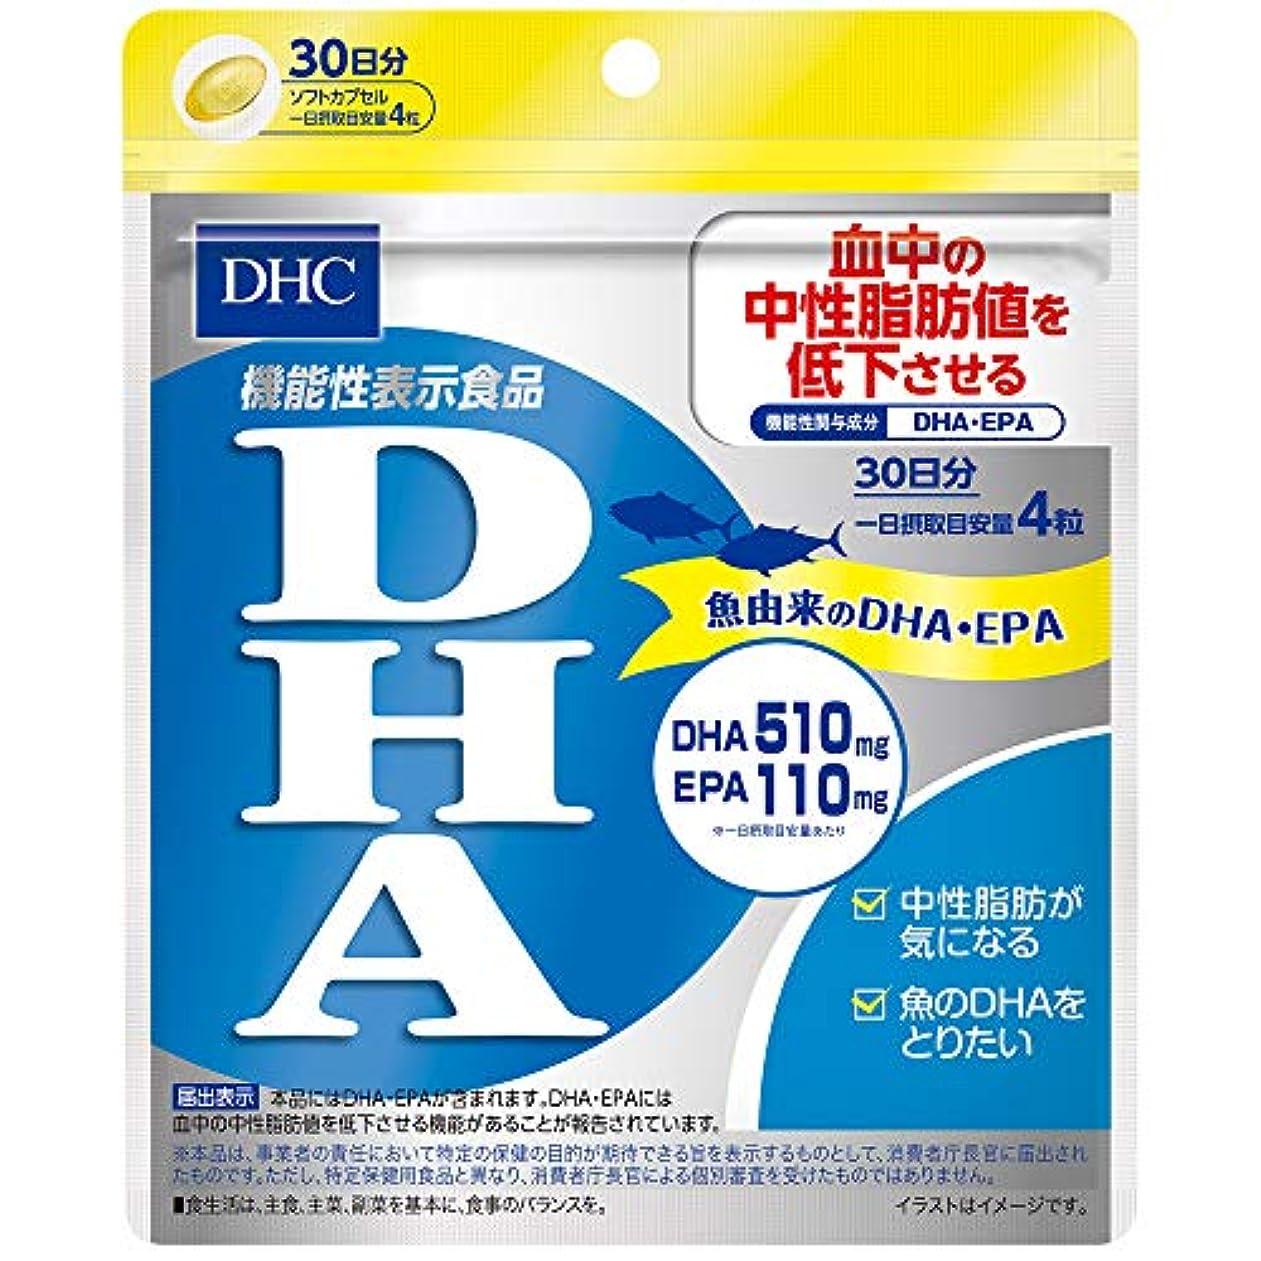 寂しい政策ギャラリーDHC DHA 30日分 [機能性表示食品]